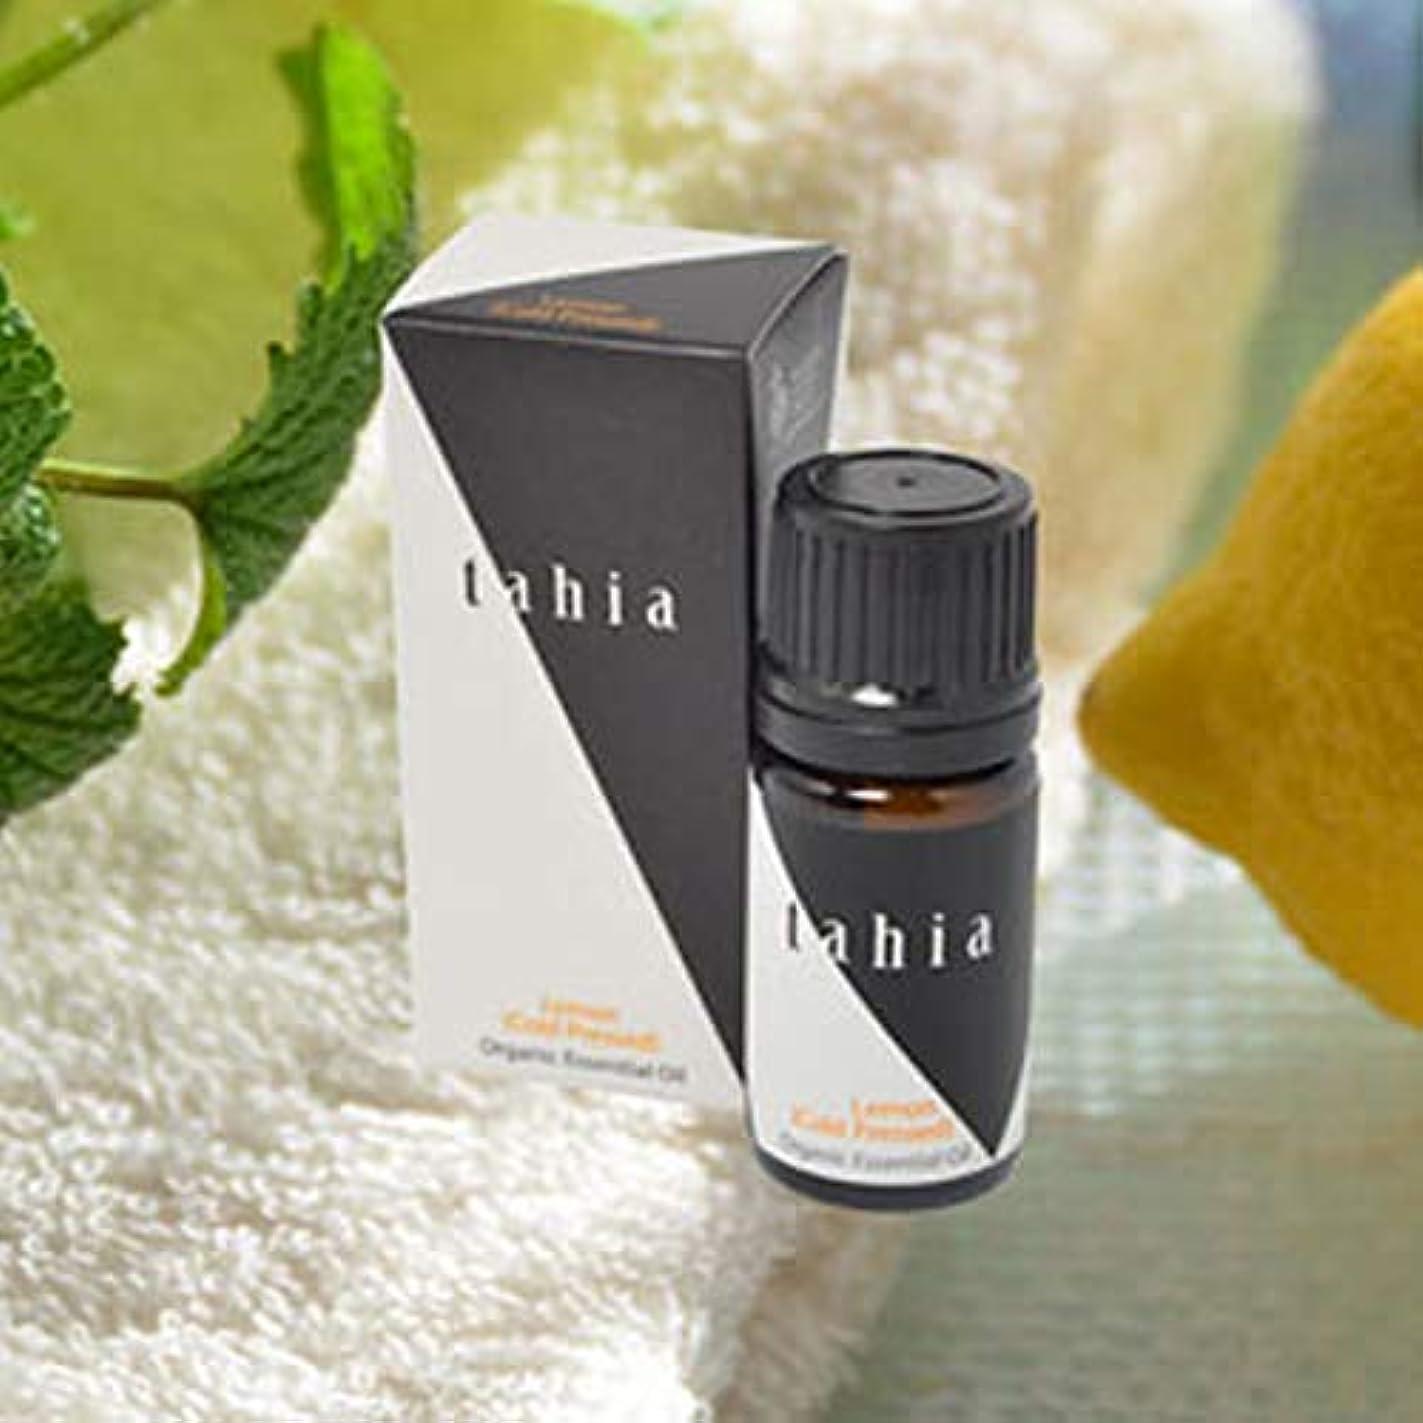 熱帯の極端な雇ったタツフト タヒア tahia レモン エッセンシャルオイル オーガニック 芳香 精油